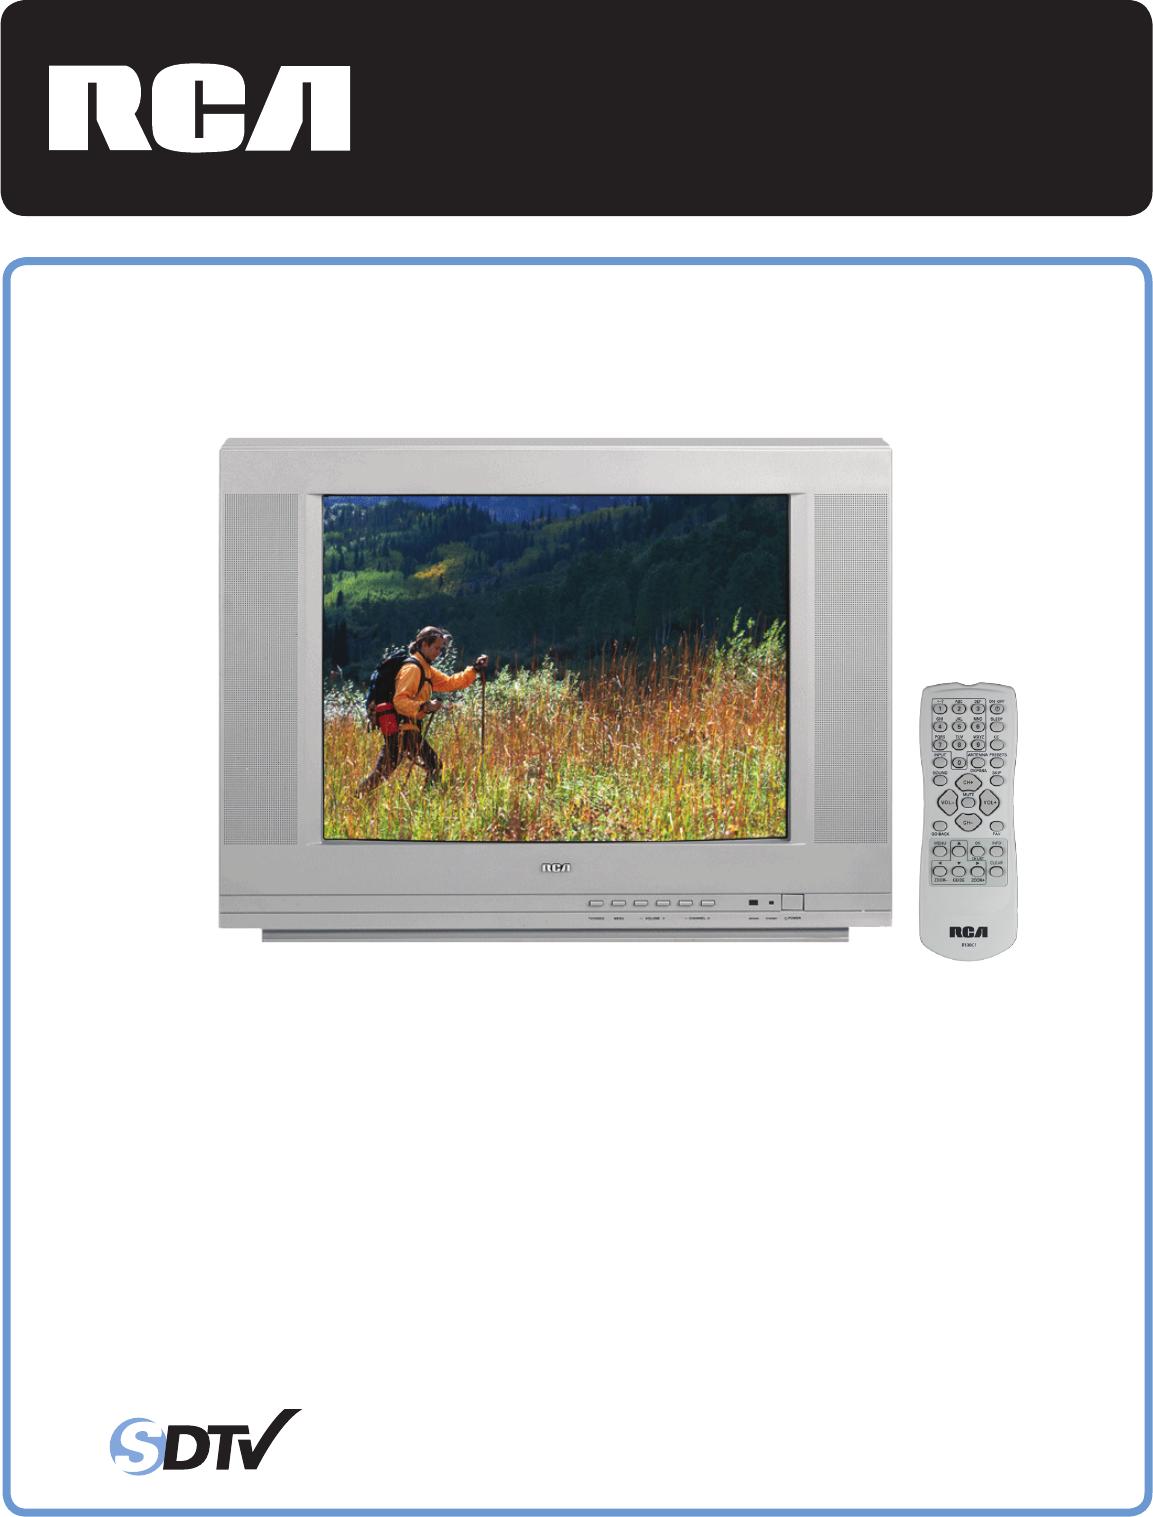 rca flat panel television 24v504t user guide. Black Bedroom Furniture Sets. Home Design Ideas